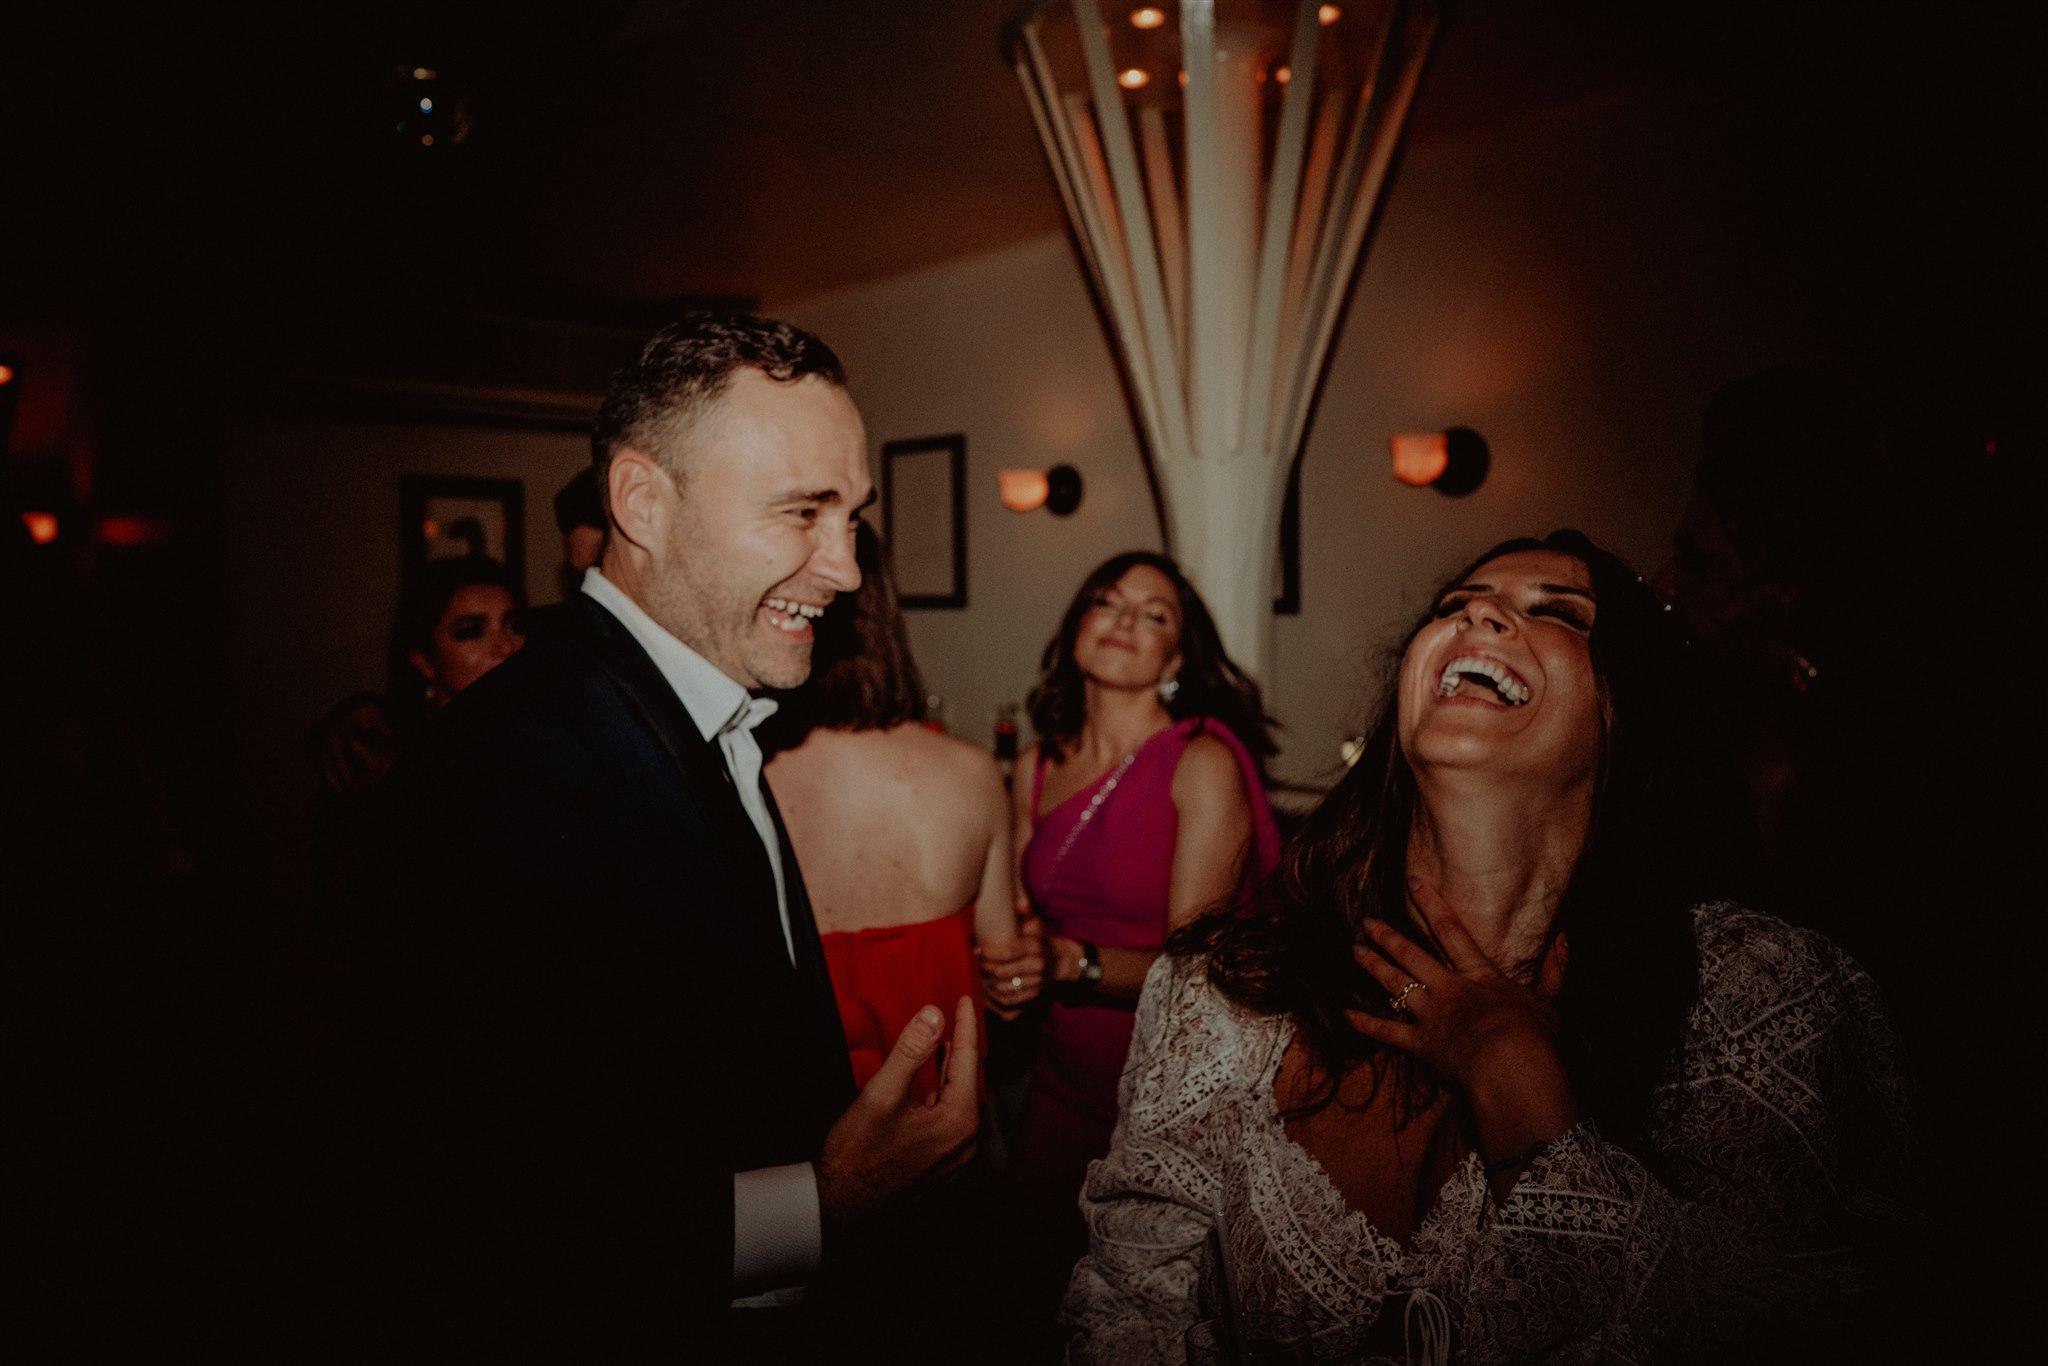 Chellise_Michael_Photography_Ramona_Brooklyn_Wedding_Photographer-900.jpg